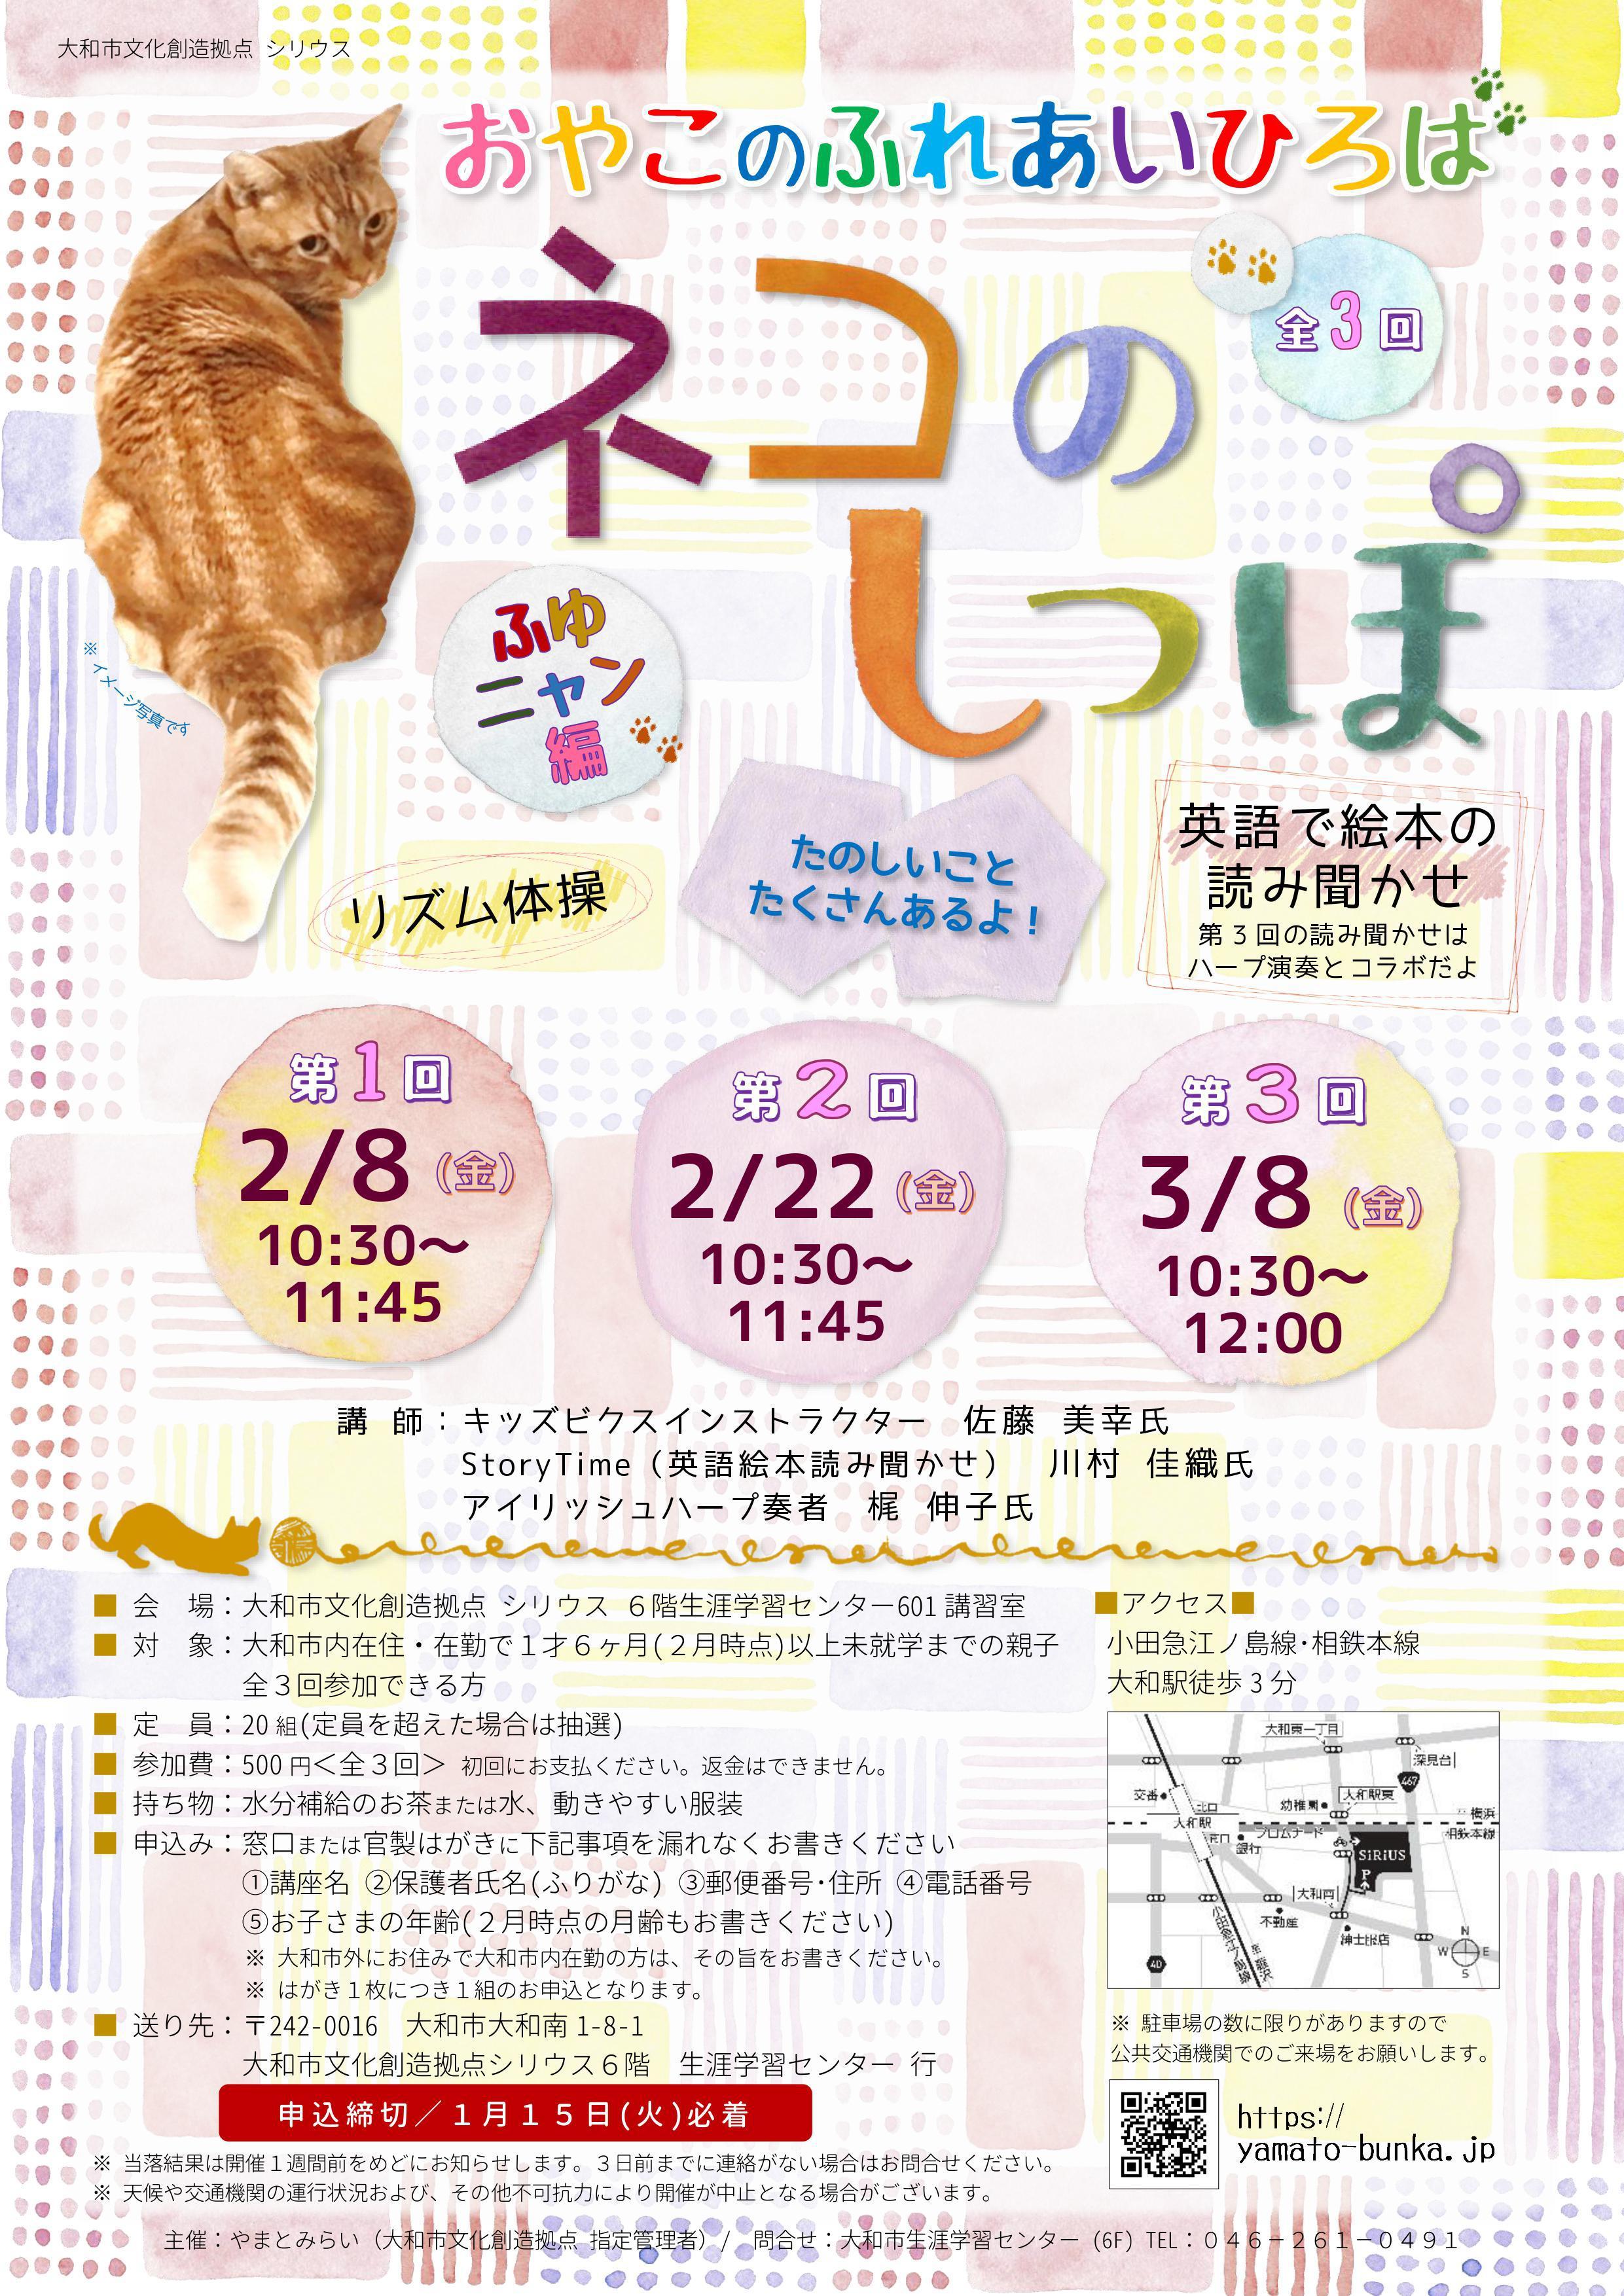 親子のふれあい広場「ネコのしっぽ~ふゆニャン編」